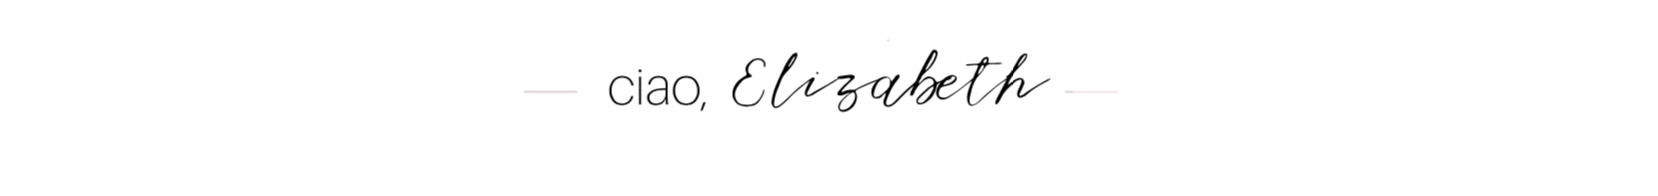 little elizabeth.png